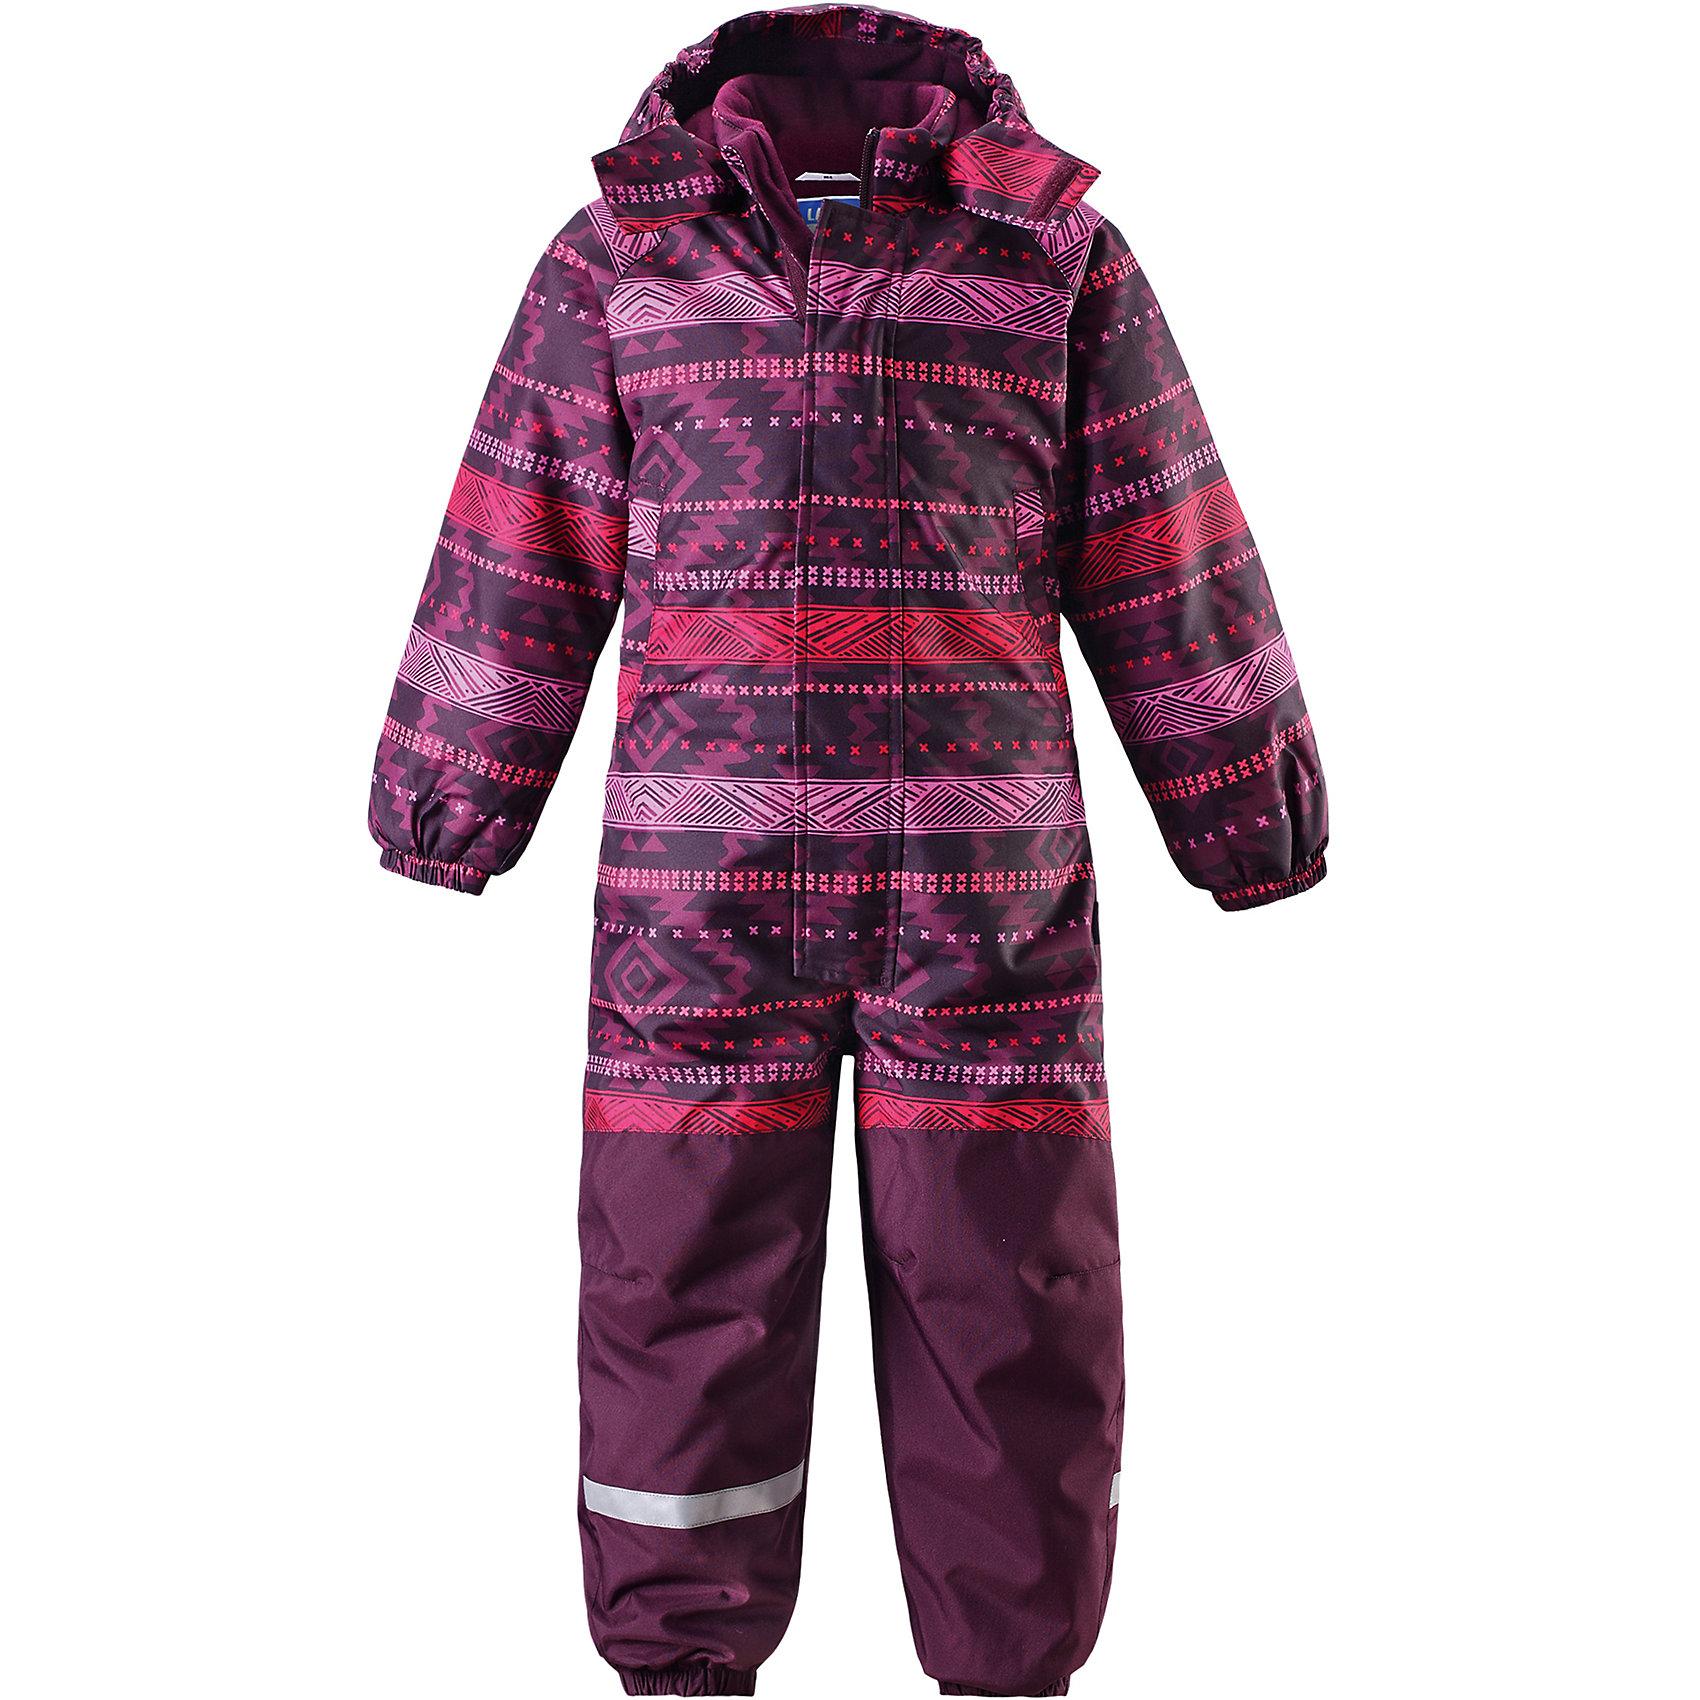 Комбинезон LASSIEОдежда<br>Зимний комбинезон для детей известной финской марки.<br><br>- Прочный материал. Водоотталкивающий, ветронепроницаемый, «дышащий» и грязеотталкивающий материал.<br>-  Задний серединный шов проклеен. Гладкая подкладка из полиэстра. <br>- Средняя степень утепления. <br>- Безопасный, съемный капюшон. Эластичные манжеты. Эластичные штанины.<br>-  Съемные эластичные штрипки. Нагрудный карман на молнии. <br>- Принт по всей поверхности.  <br><br>Рекомендации по уходу: Стирать по отдельности, вывернув наизнанку. Застегнуть молнии и липучки. Соблюдать температуру в соответствии с руководством по уходу. Стирать моющим средством, не содержащим отбеливающие вещества. Полоскать без специального средства. Сушение в сушильном шкафу разрешено при  низкой температуре.<br><br>Состав: 100% Полиамид, полиуретановое покрытие.  Утеплитель «Lassie wadding» 180гр.<br><br>Ширина мм: 356<br>Глубина мм: 10<br>Высота мм: 245<br>Вес г: 519<br>Цвет: фиолетово-розовый<br>Возраст от месяцев: 12<br>Возраст до месяцев: 15<br>Пол: Женский<br>Возраст: Детский<br>Размер: 80,128,86,92,98,104,110,116,122<br>SKU: 4781988